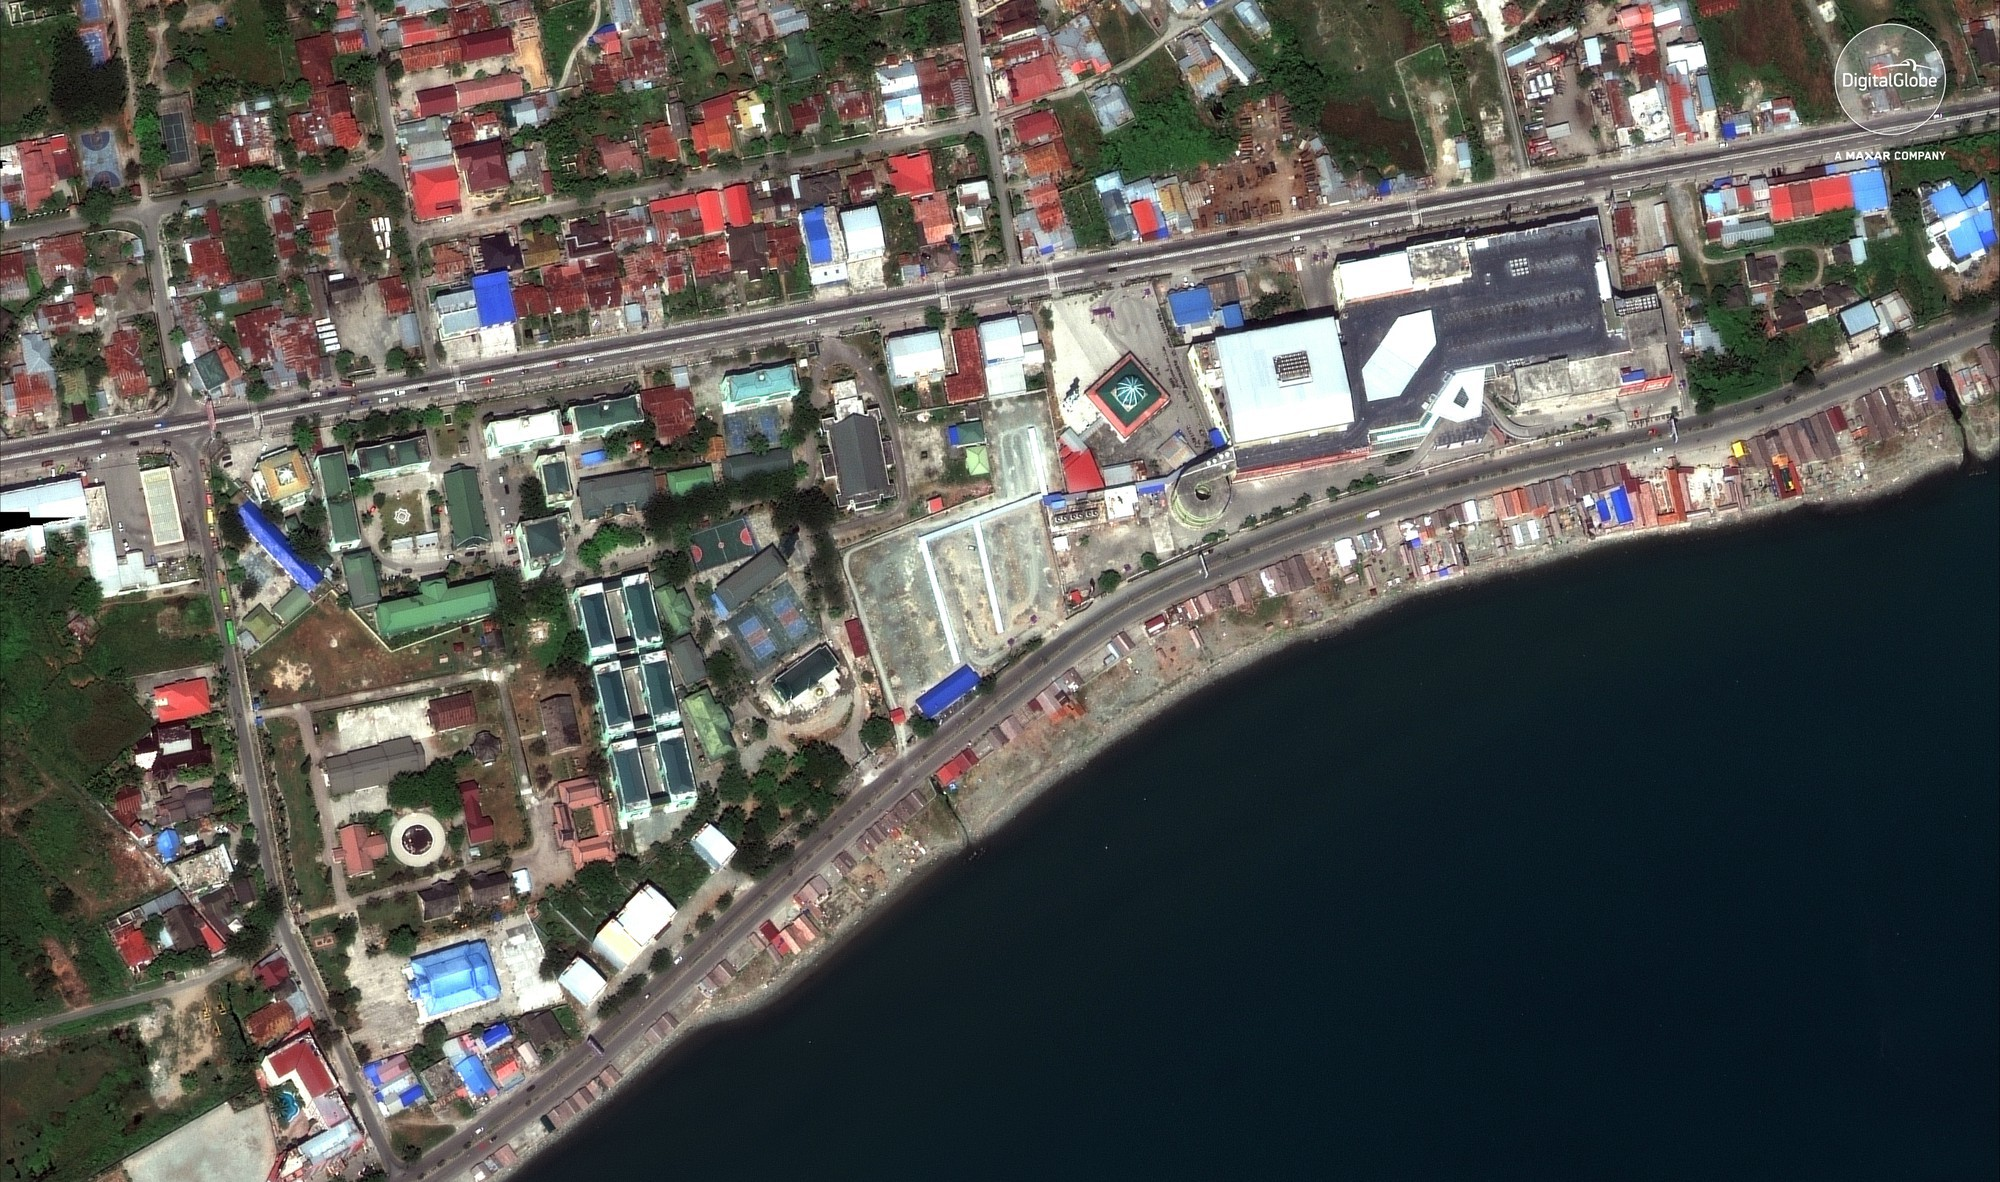 Bộ ảnh trước - sau này sẽ cho bạn thấy trận động đất khiến ít nhất 1.200 người chết ở Palu, Indonesia khủng khiếp như thế nào - Ảnh 4.